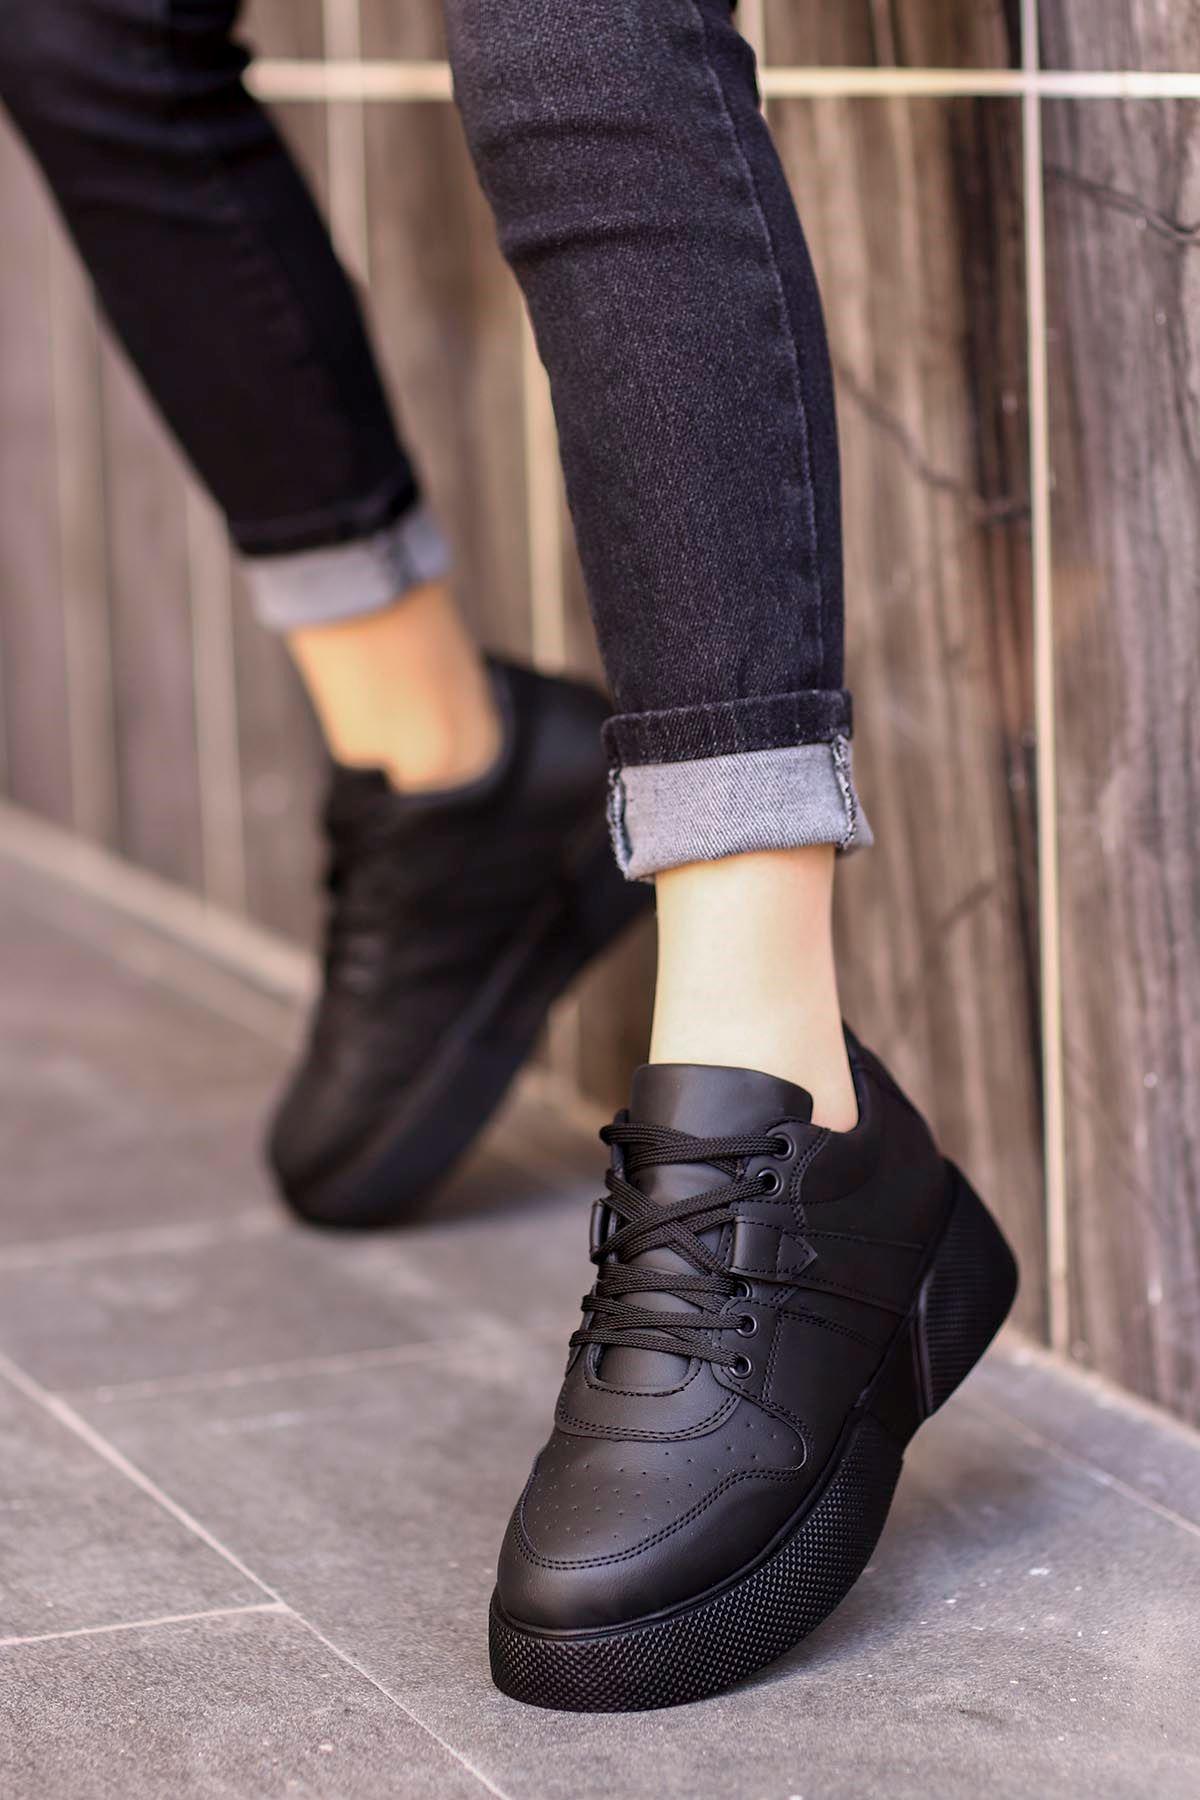 frm-021 Tabanlı spor Ayakkabı Siyah Deri